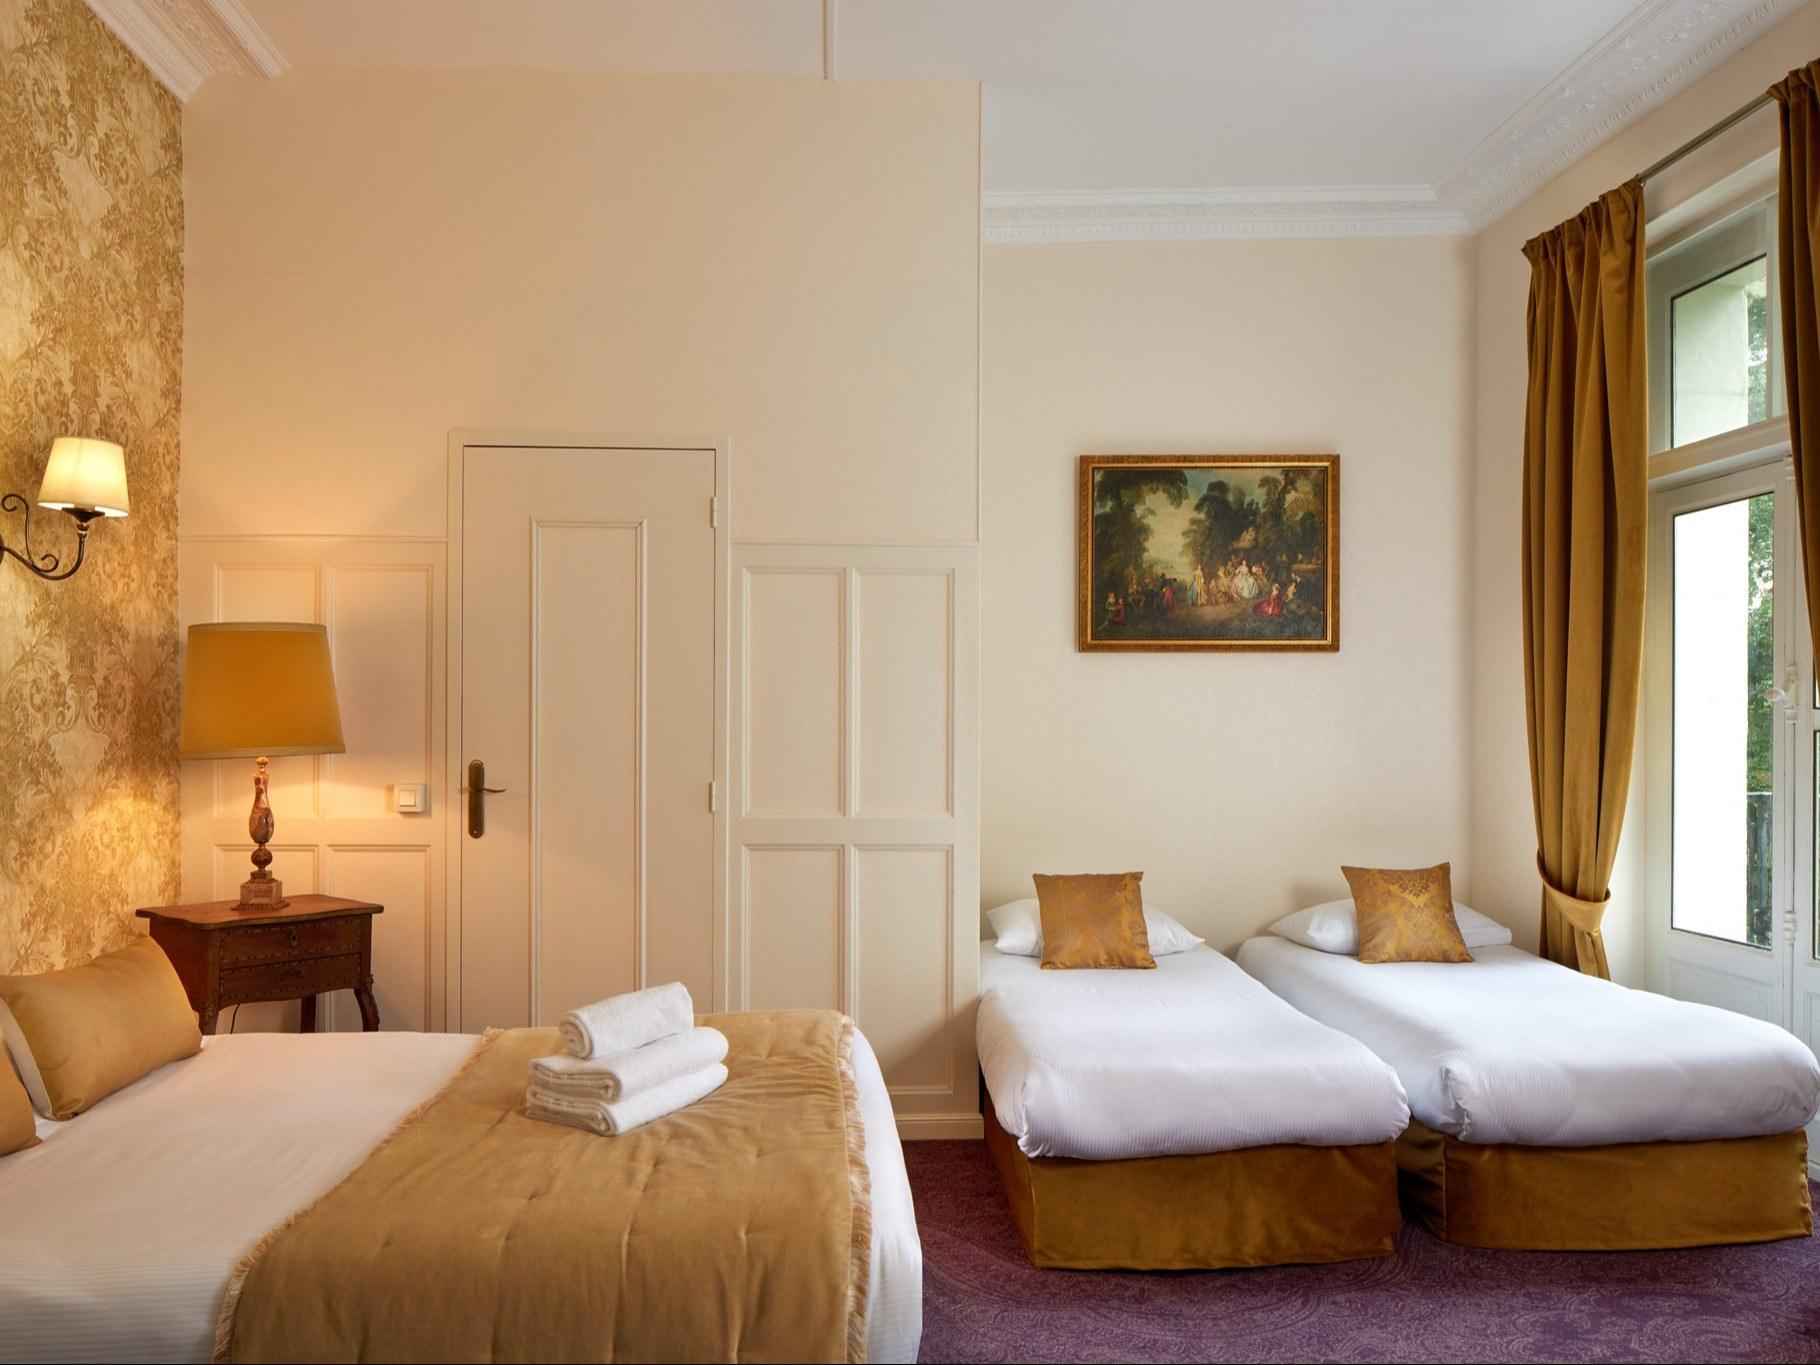 hotel-blois-chambre-4-personnes